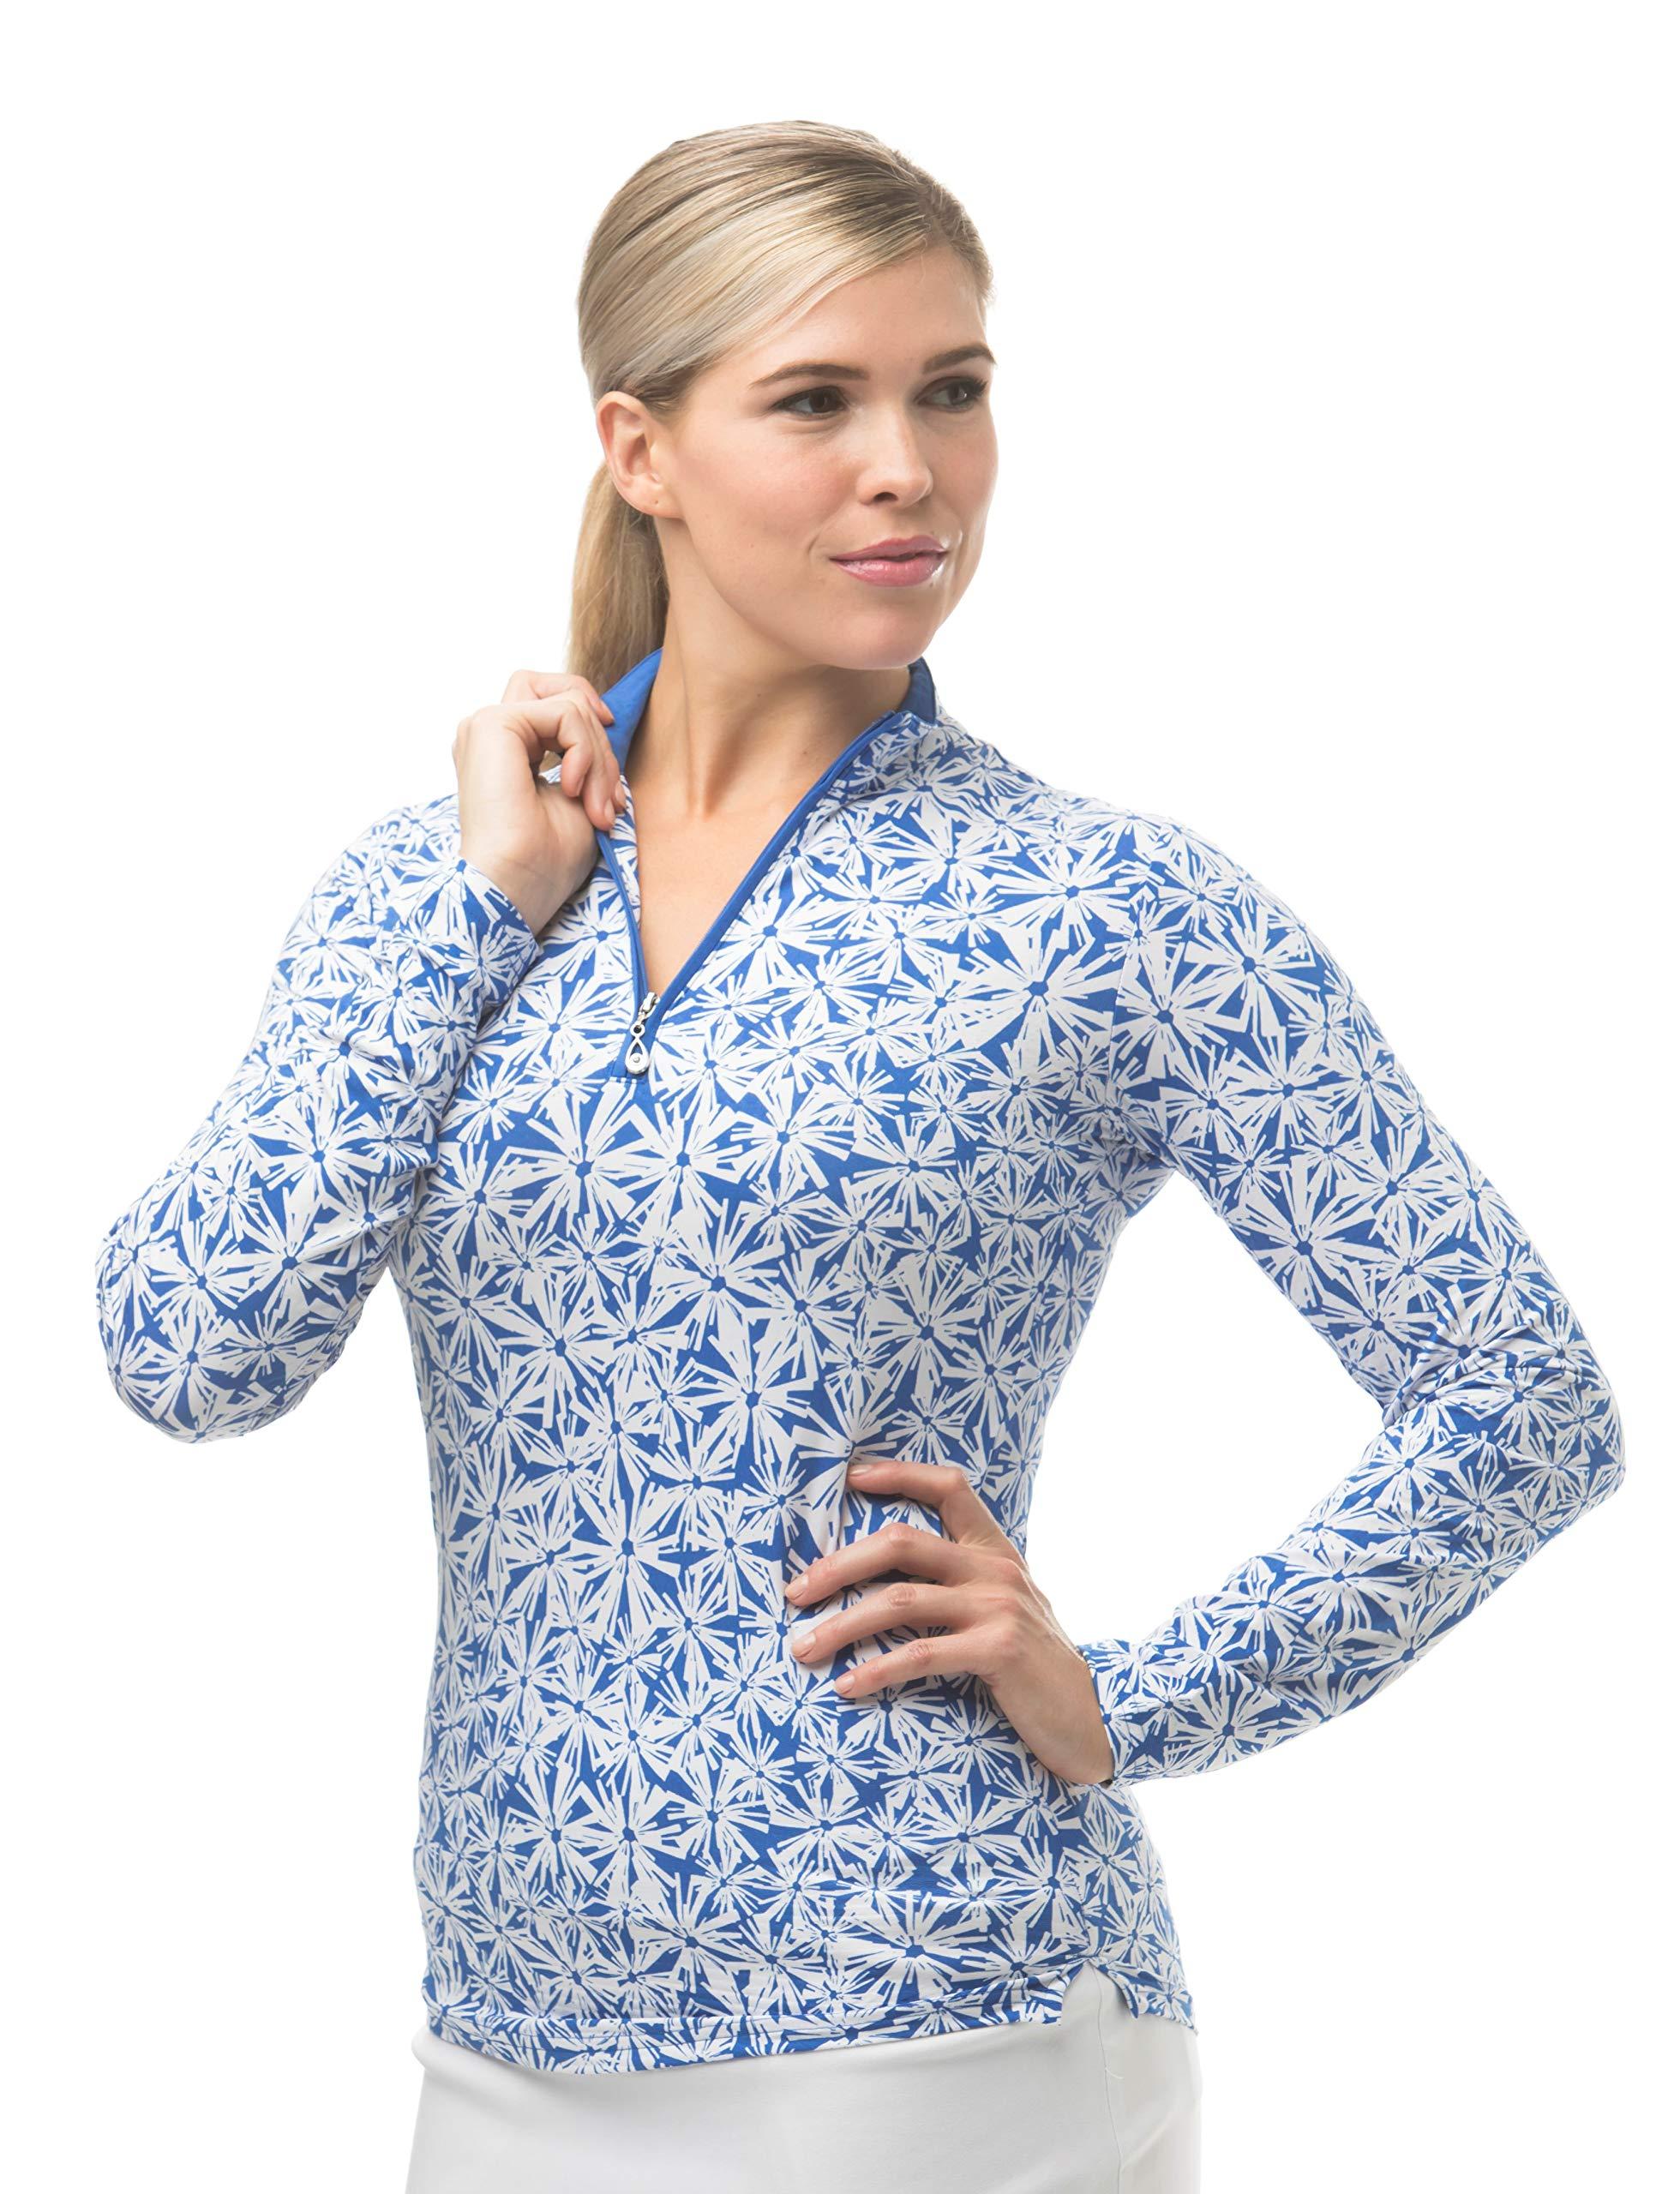 SanSoleil Women's SolTek Ice UV 50 Mock Neck Top -Medium - Janes Garden Blue